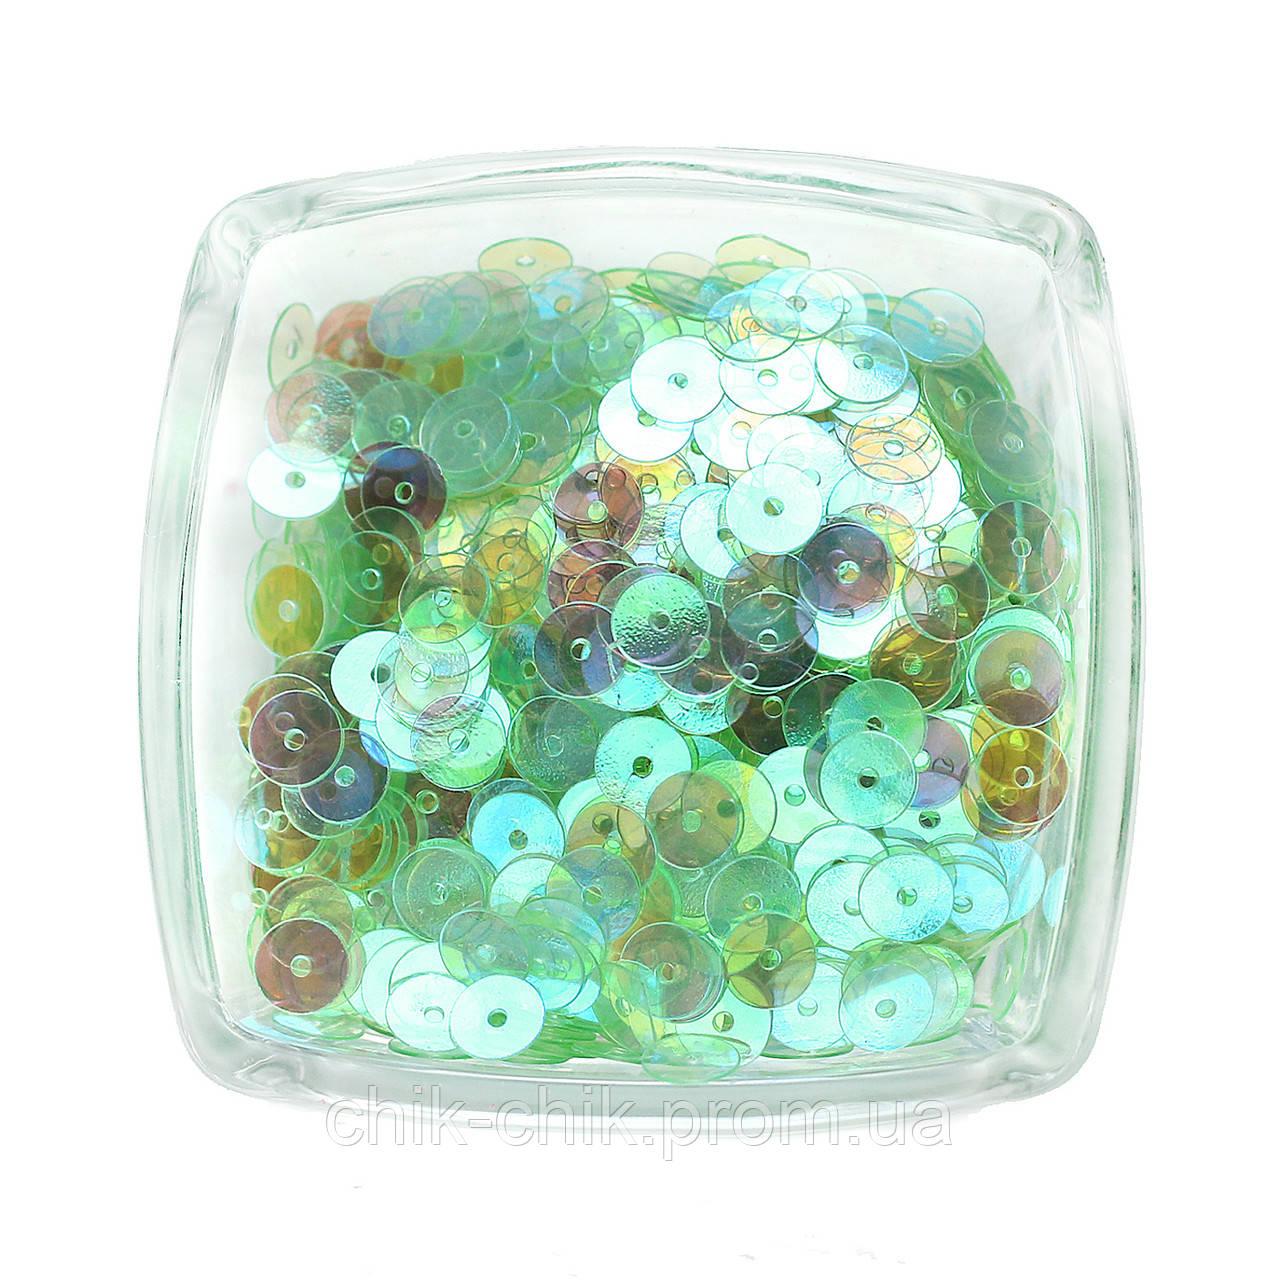 Пайетки прозрачные 25 мм клетка фарадея ткань купить